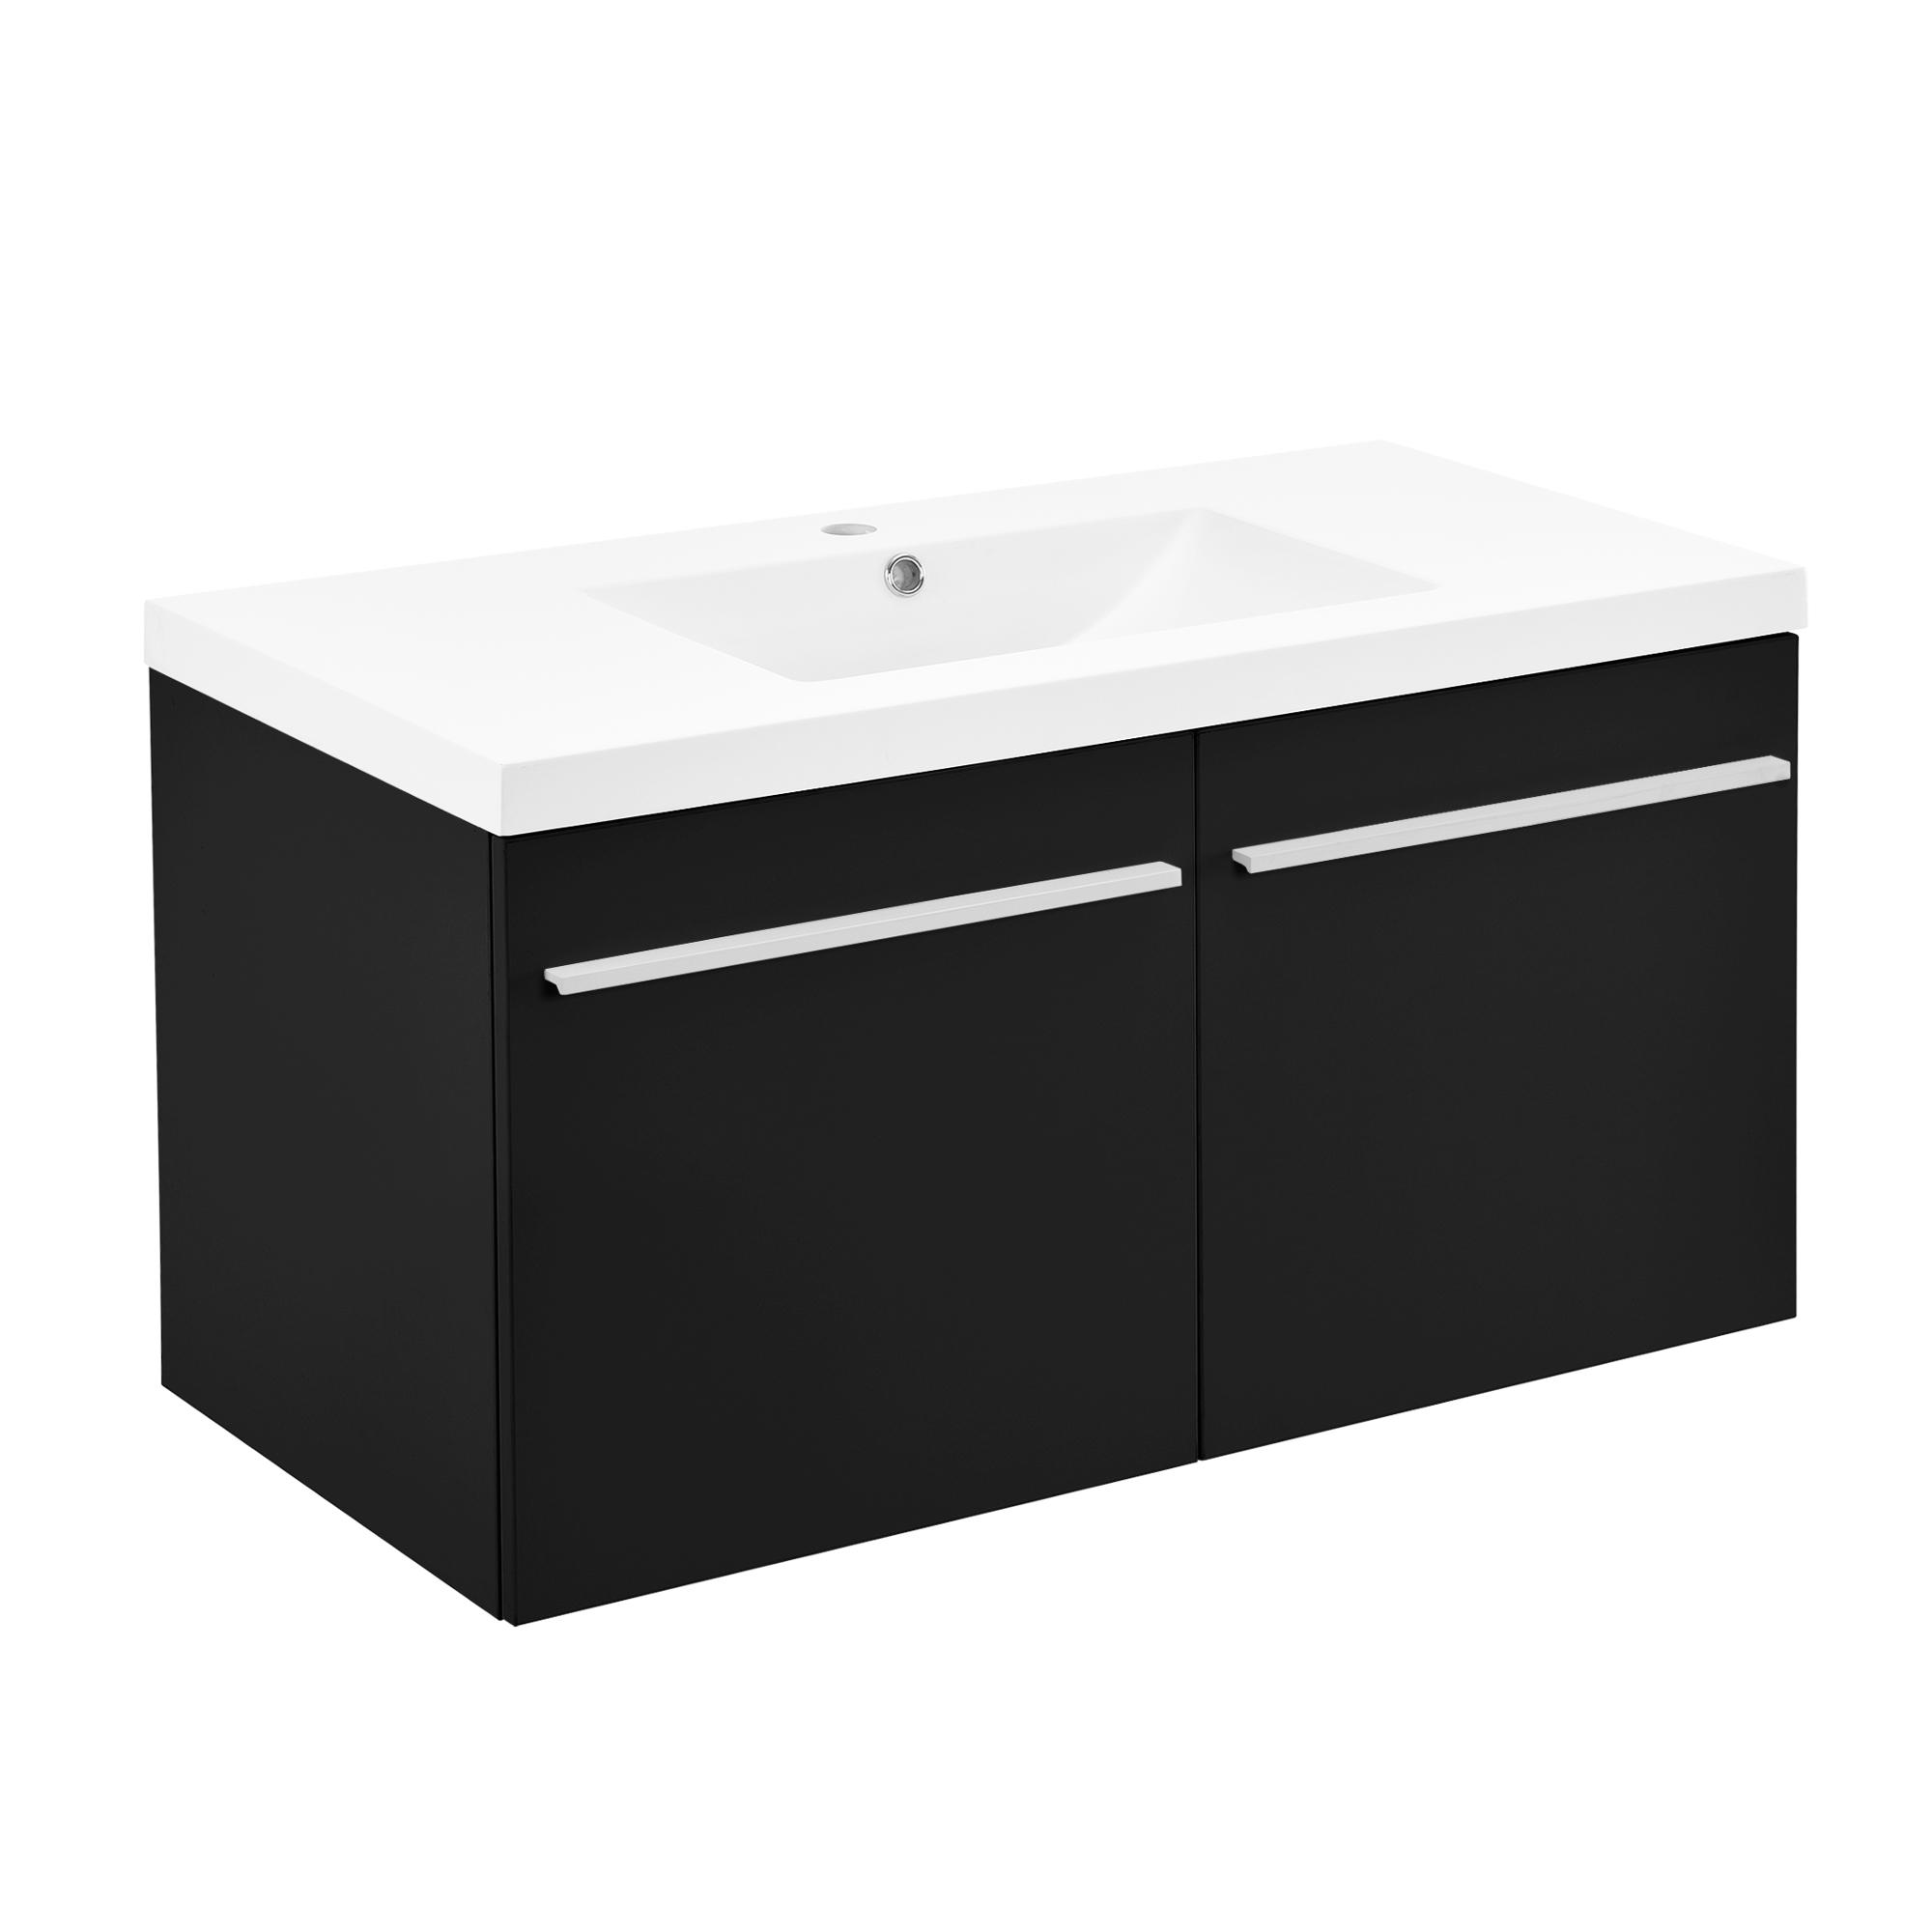 Neuhaus armoire de salle bain meuble dessous lavabo noir for Meuble lavabo noir